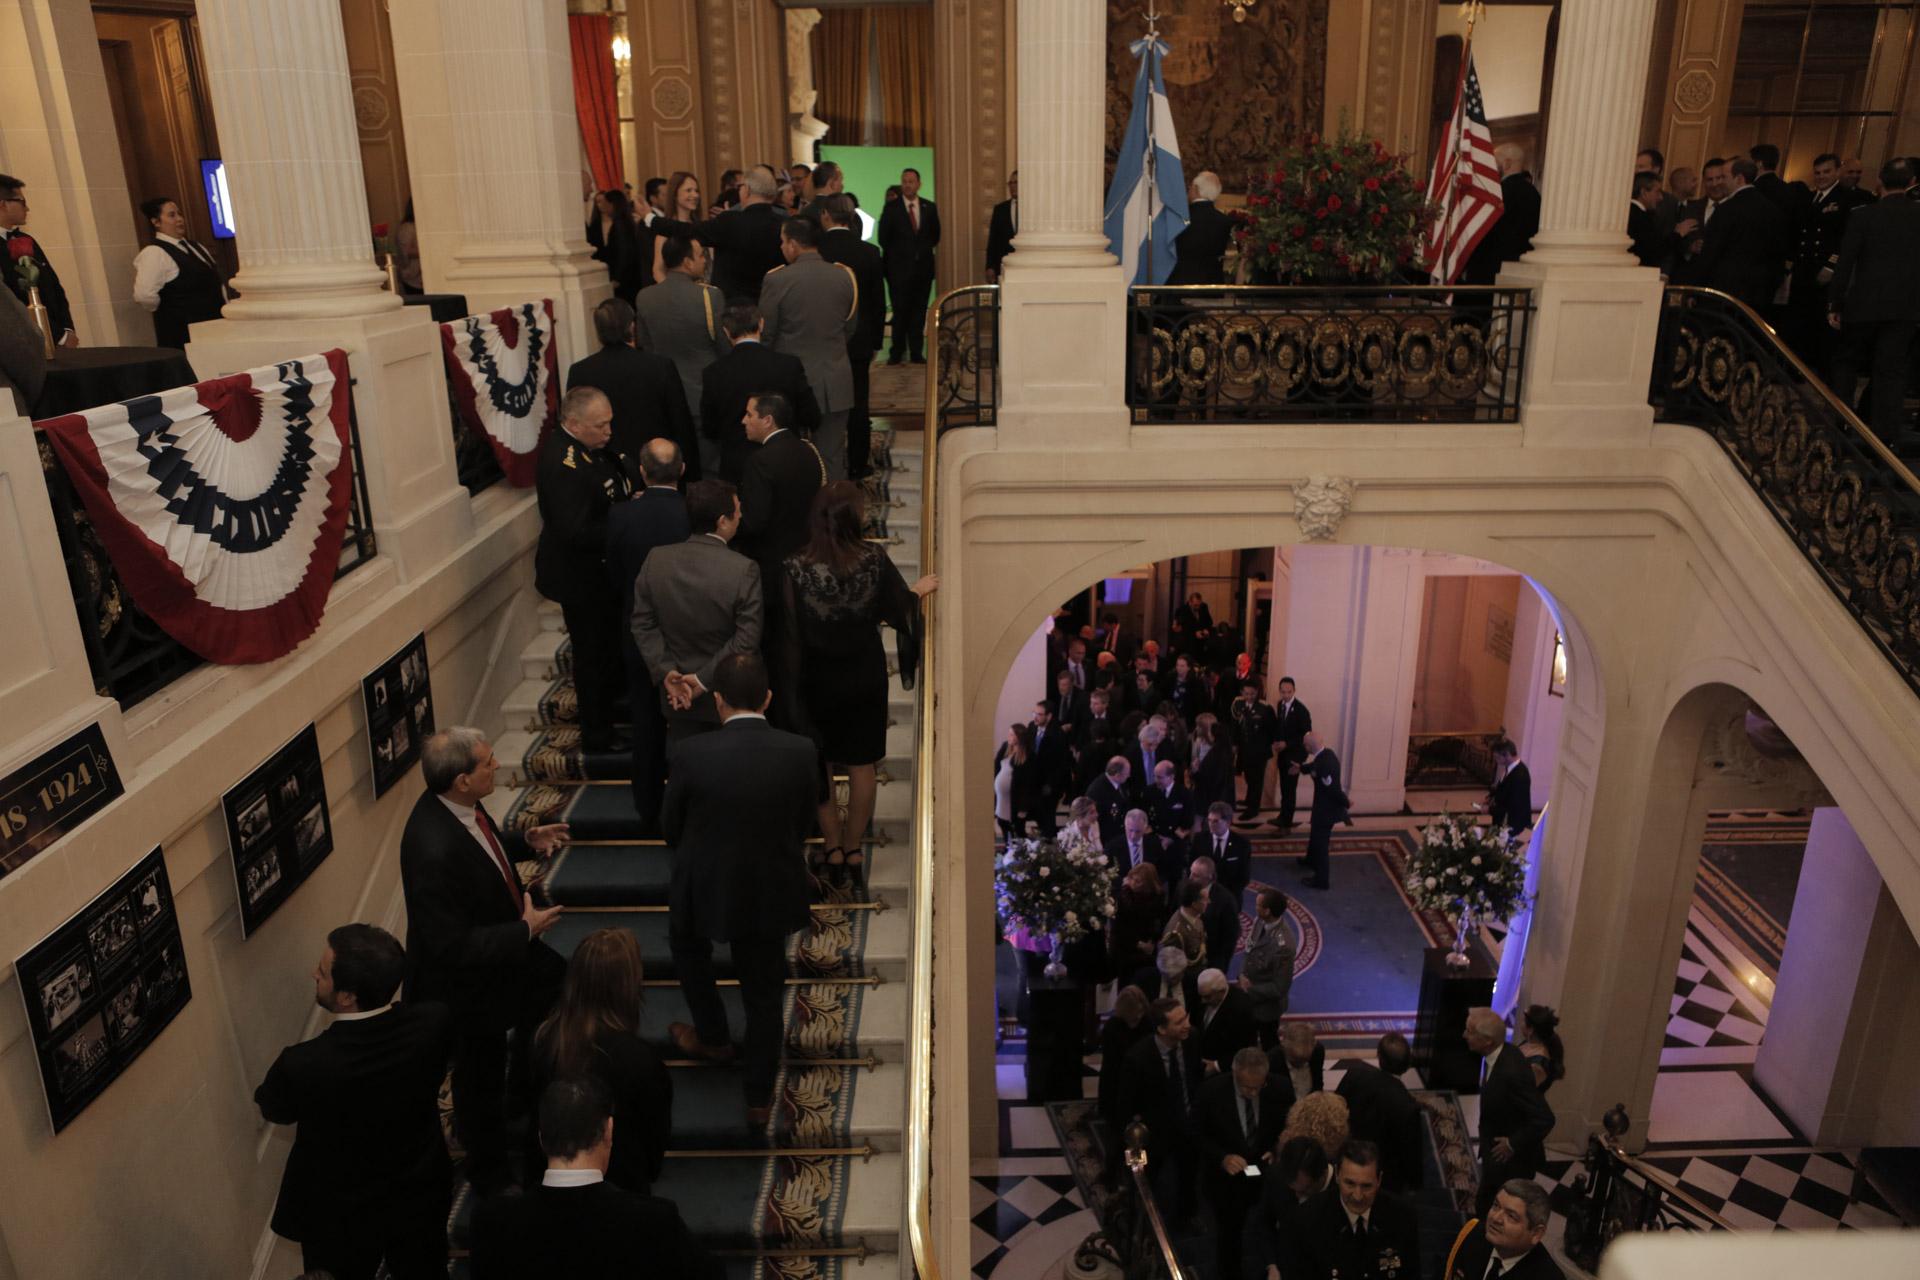 La recepción en la embajada de los Estados Unidos estaba ambientada en los años 20 y algunos de los invitados asistieron con la vestimenta de esa época